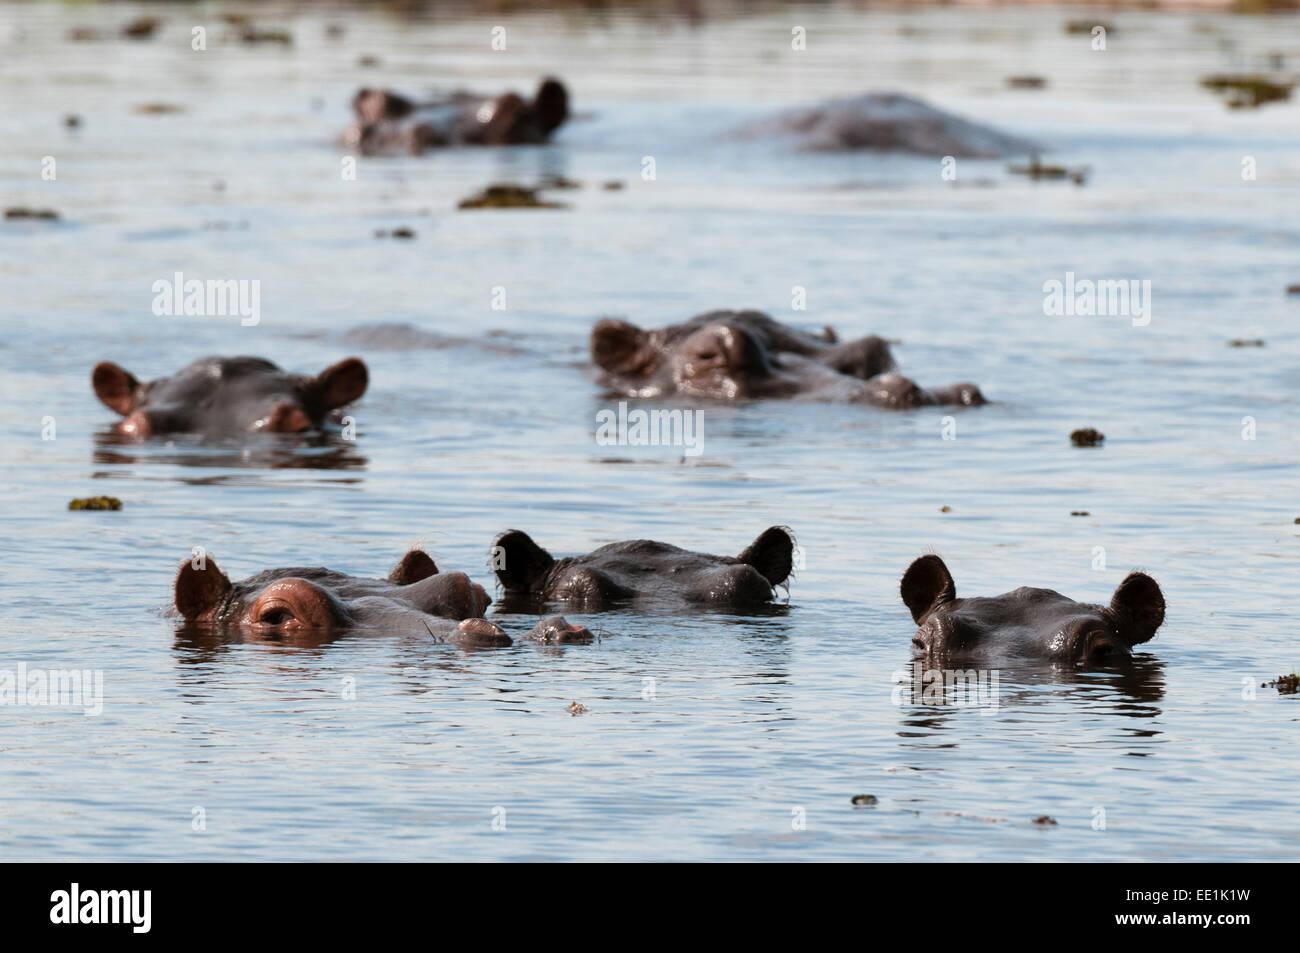 Hippopotamus (Hippopotamus amphibius), Khwai Concession Area, Okavango Delta, Botswana, Africa Stock Photo